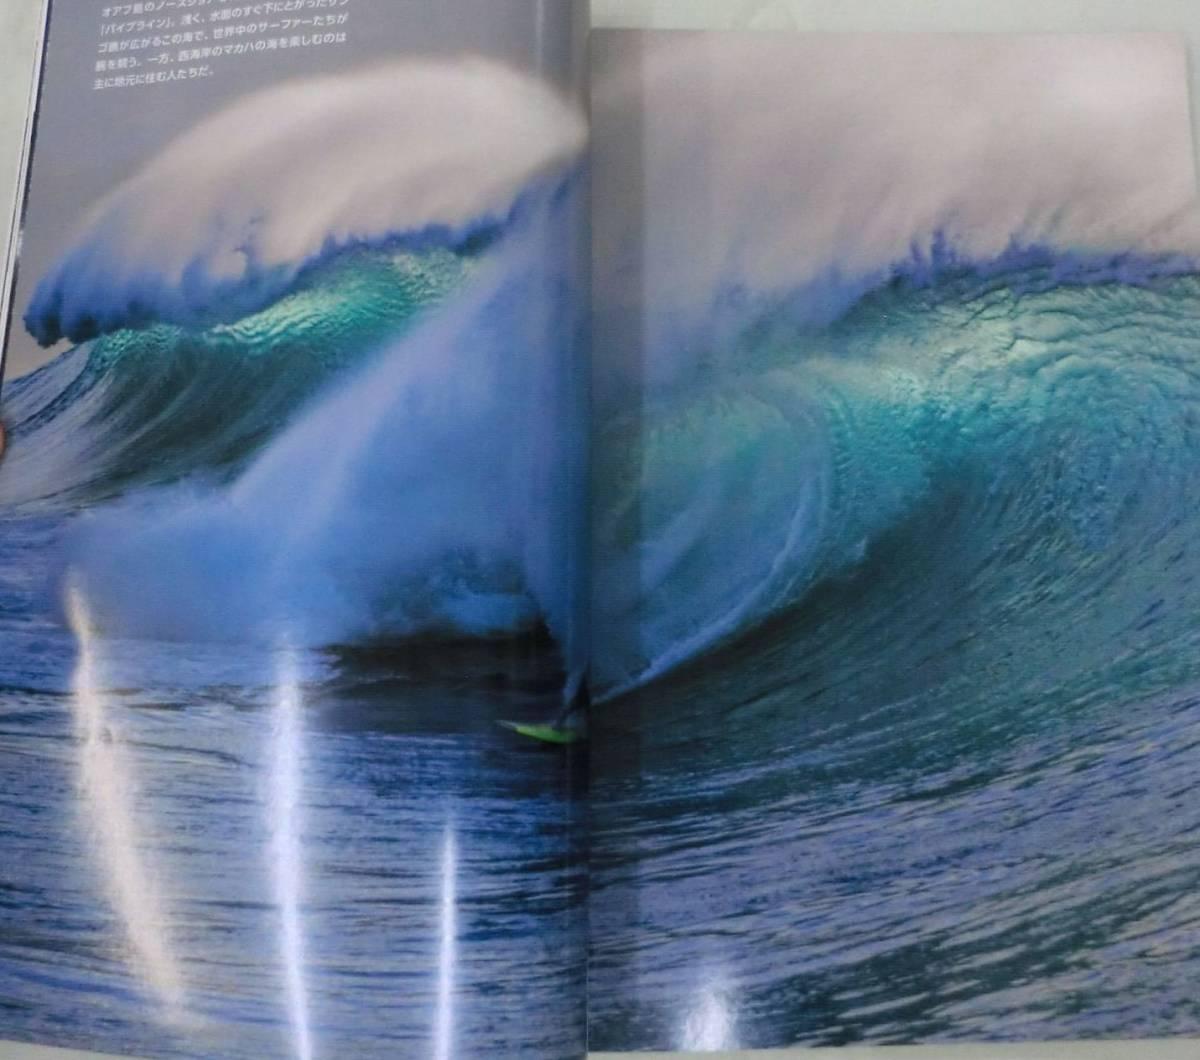 【雑誌】NATIONAL GEOGRAPHIC (ナショナル ジオグラフィック) 日本版 2015年2月号 ★ハワイ 波と生きる★イタリアアルプス極上の自然_画像3